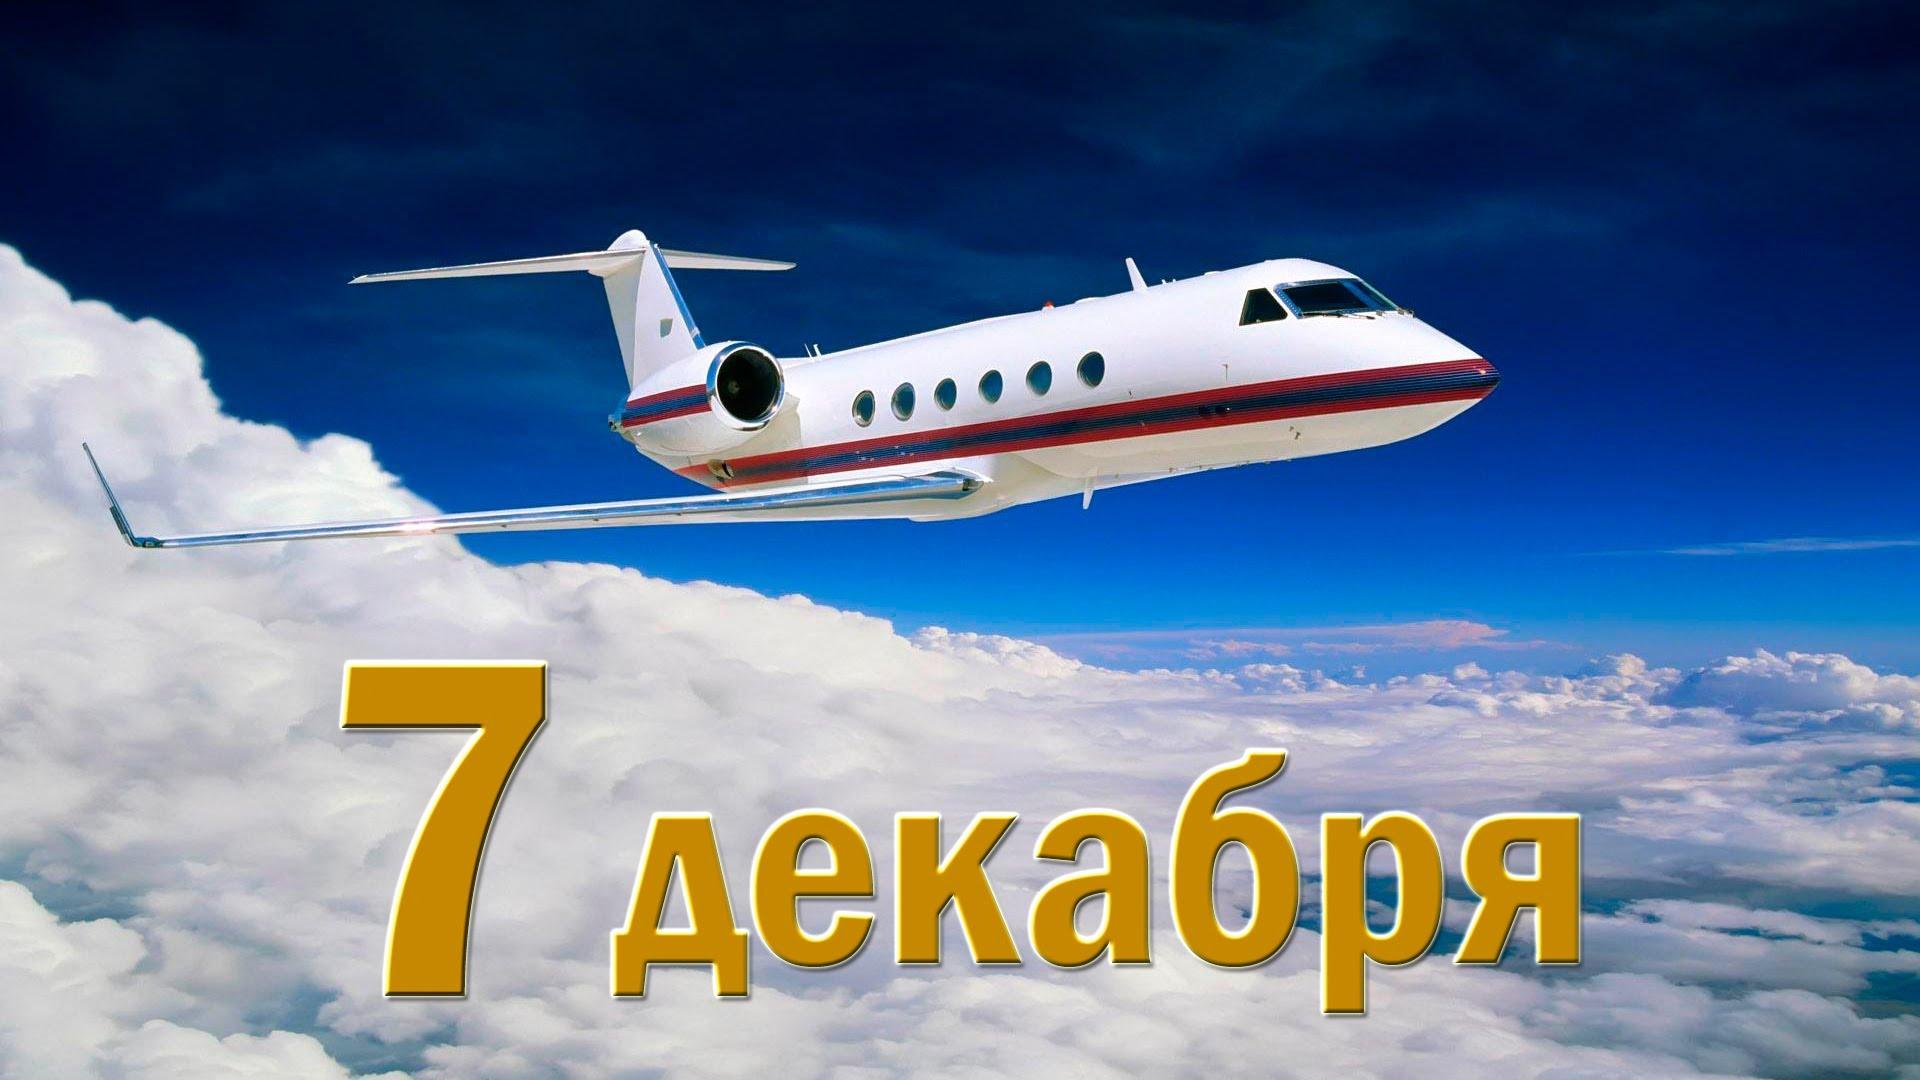 Международный день гражданской авиации 7 декабря